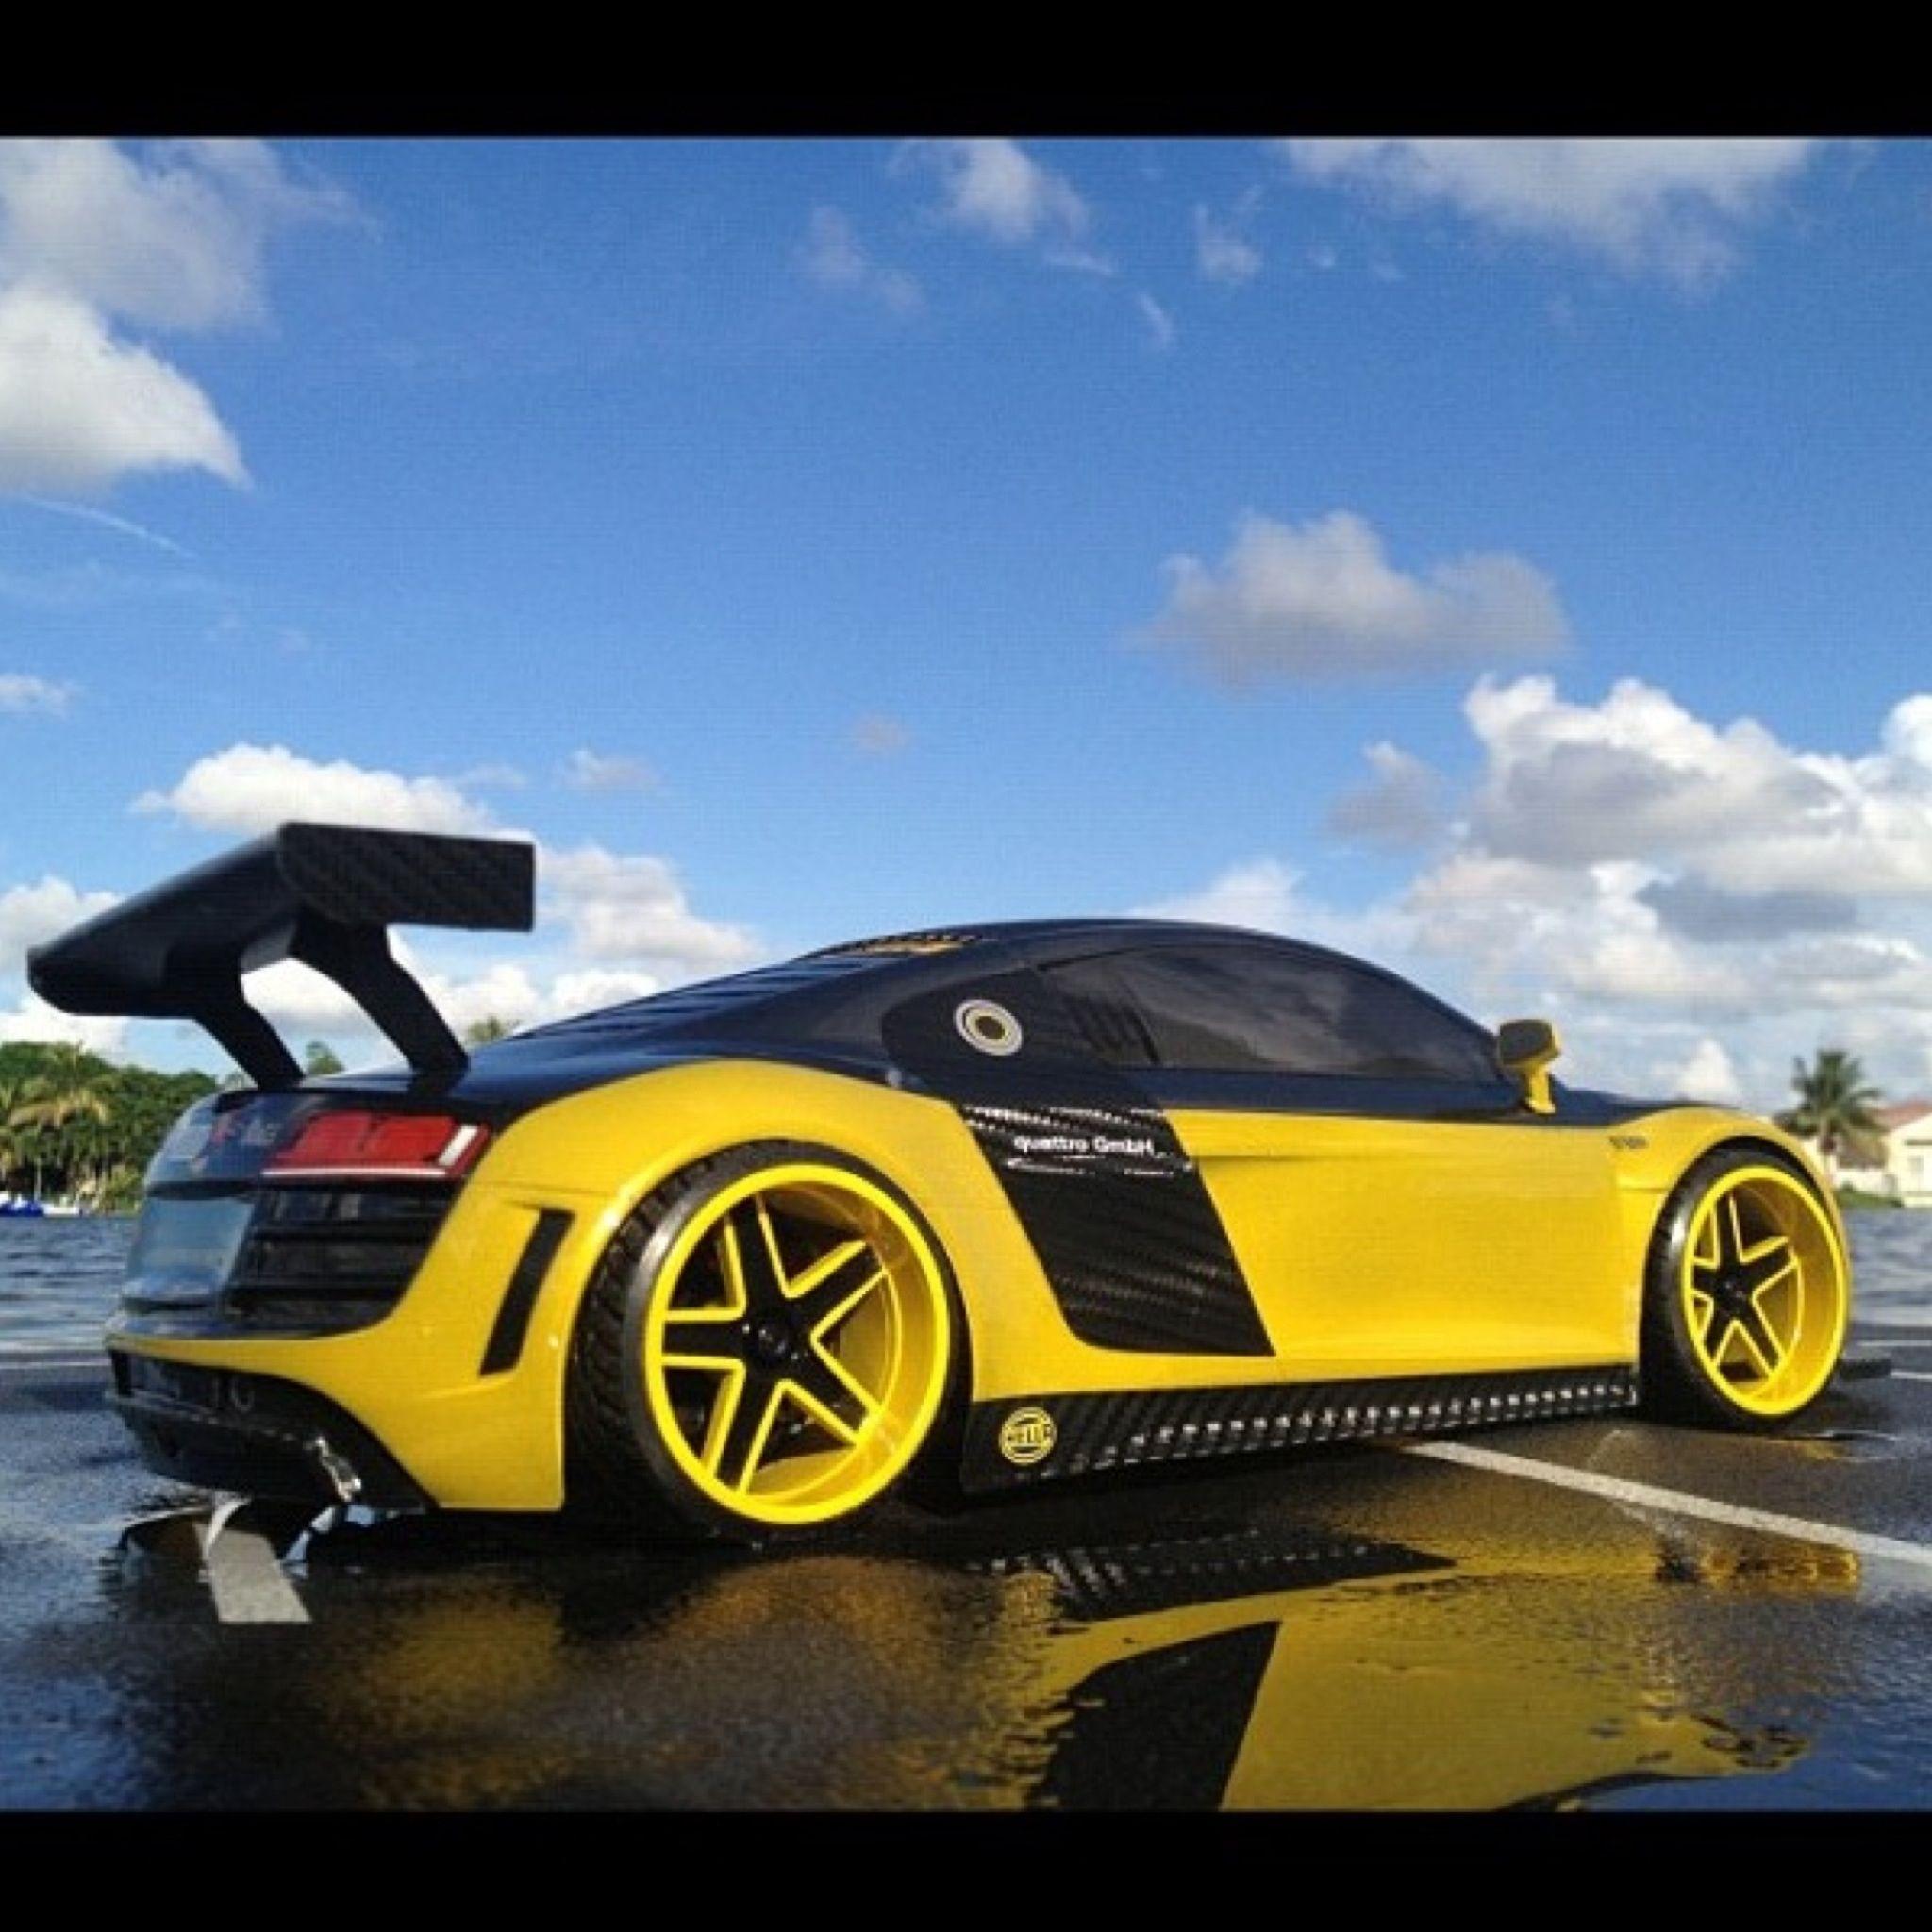 Audi R8: Pimped Out Audi R8.